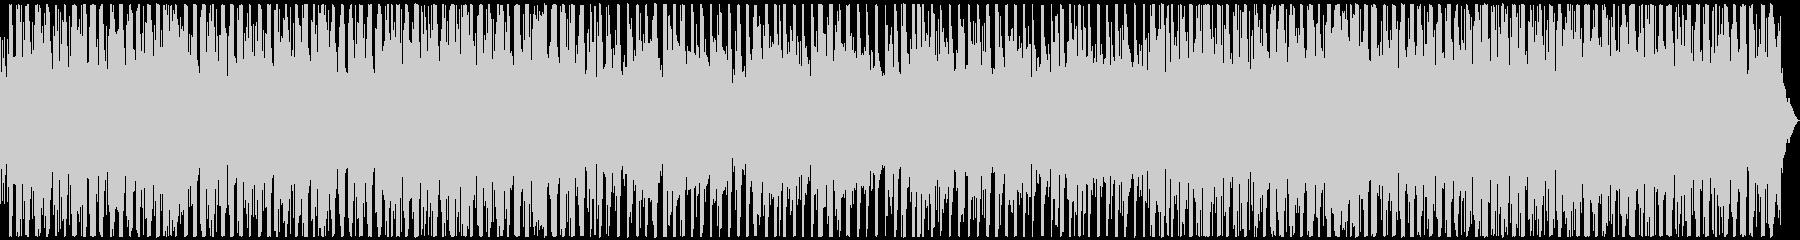 シンプル&クール 浮遊感のあるBGMの未再生の波形